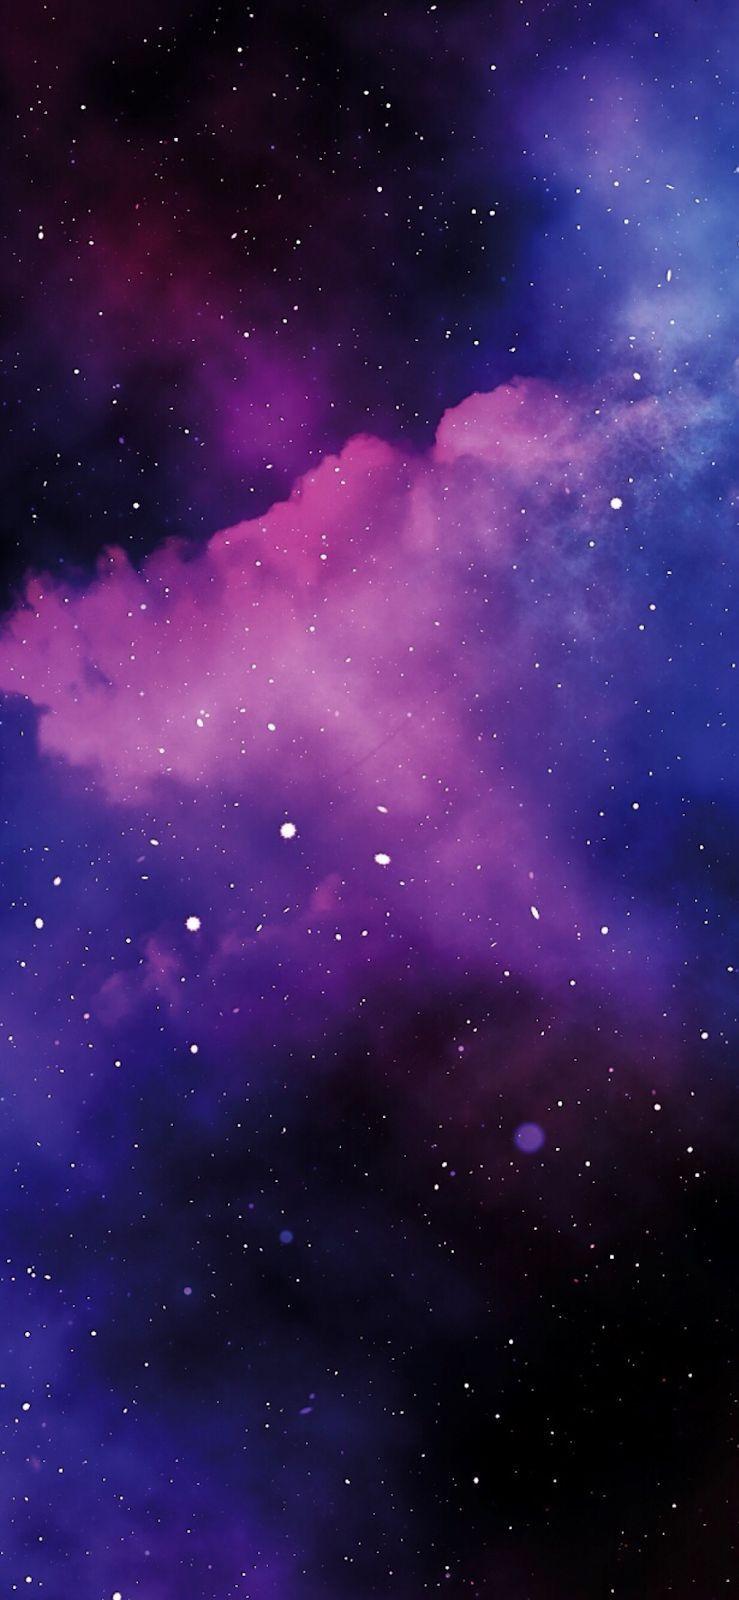 Pin By Yura Zen On خلفيات Wallpapers Best Iphone Wallpapers Purple Galaxy Wallpaper Wallpaper Space